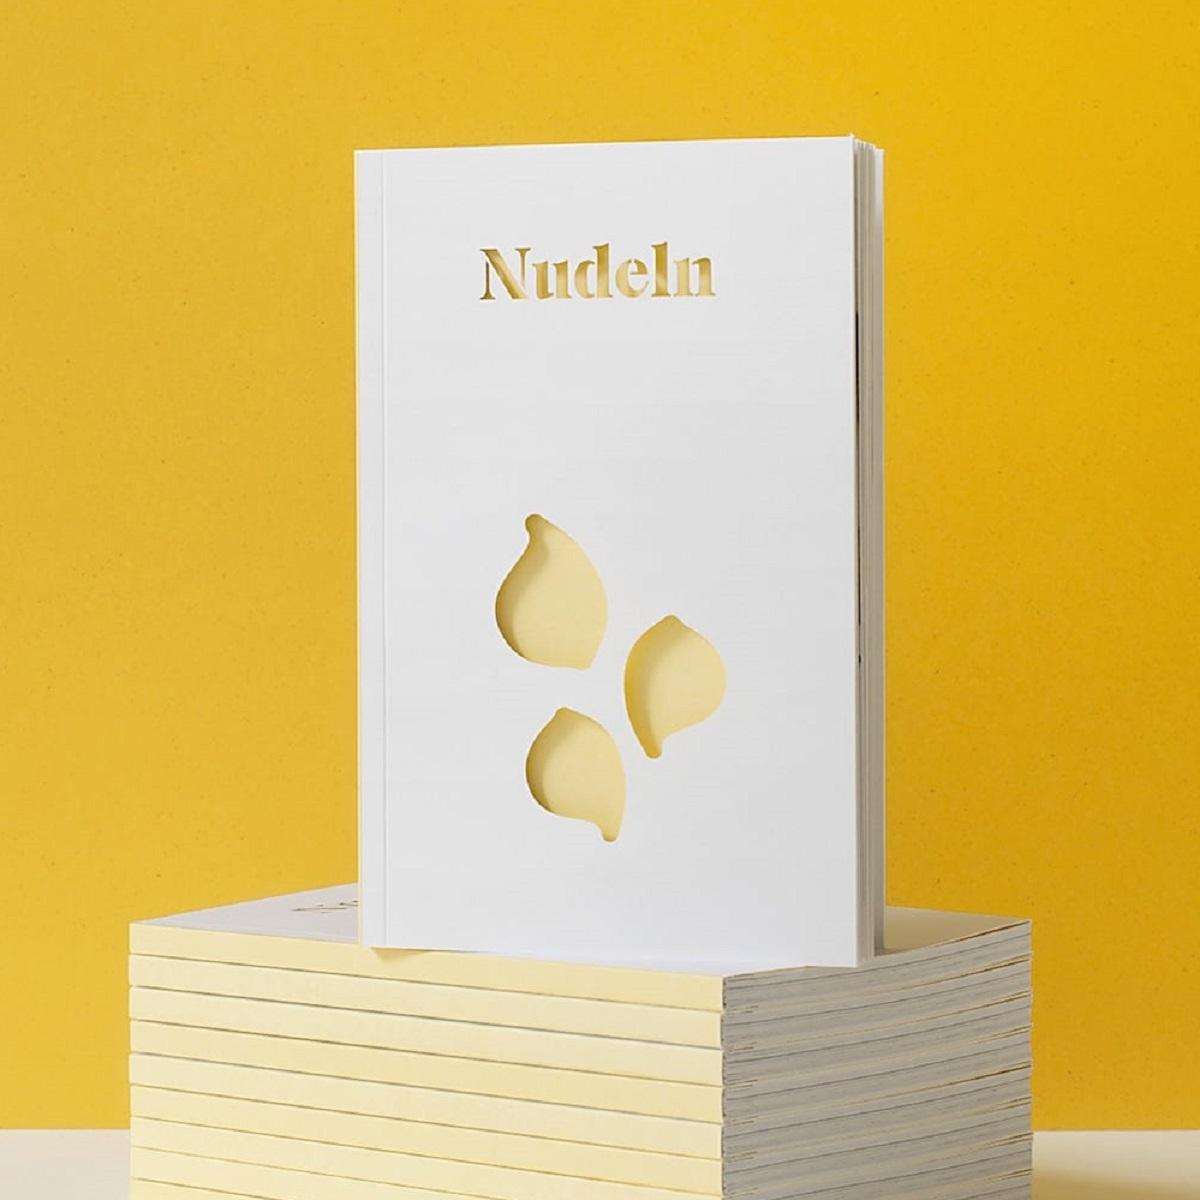 Nudelkochbuch_Nudeln-machen-gluecklich